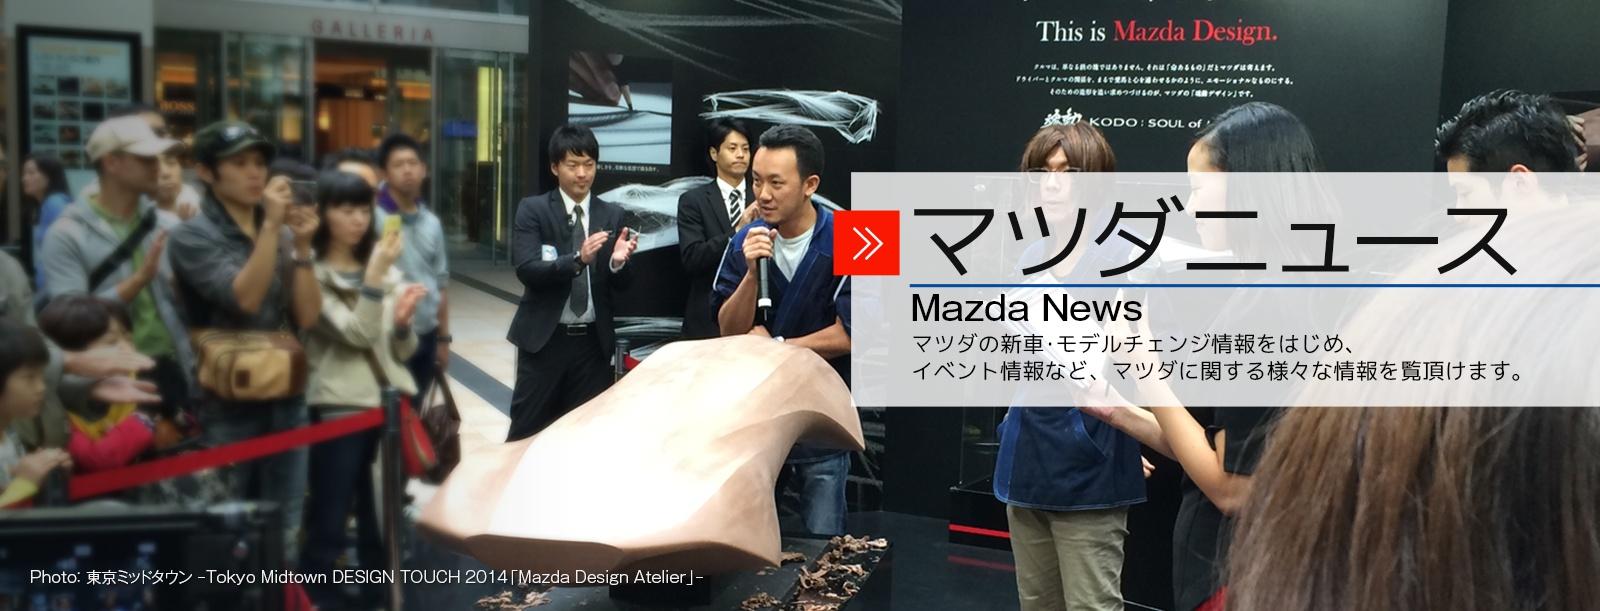 マツダニュース